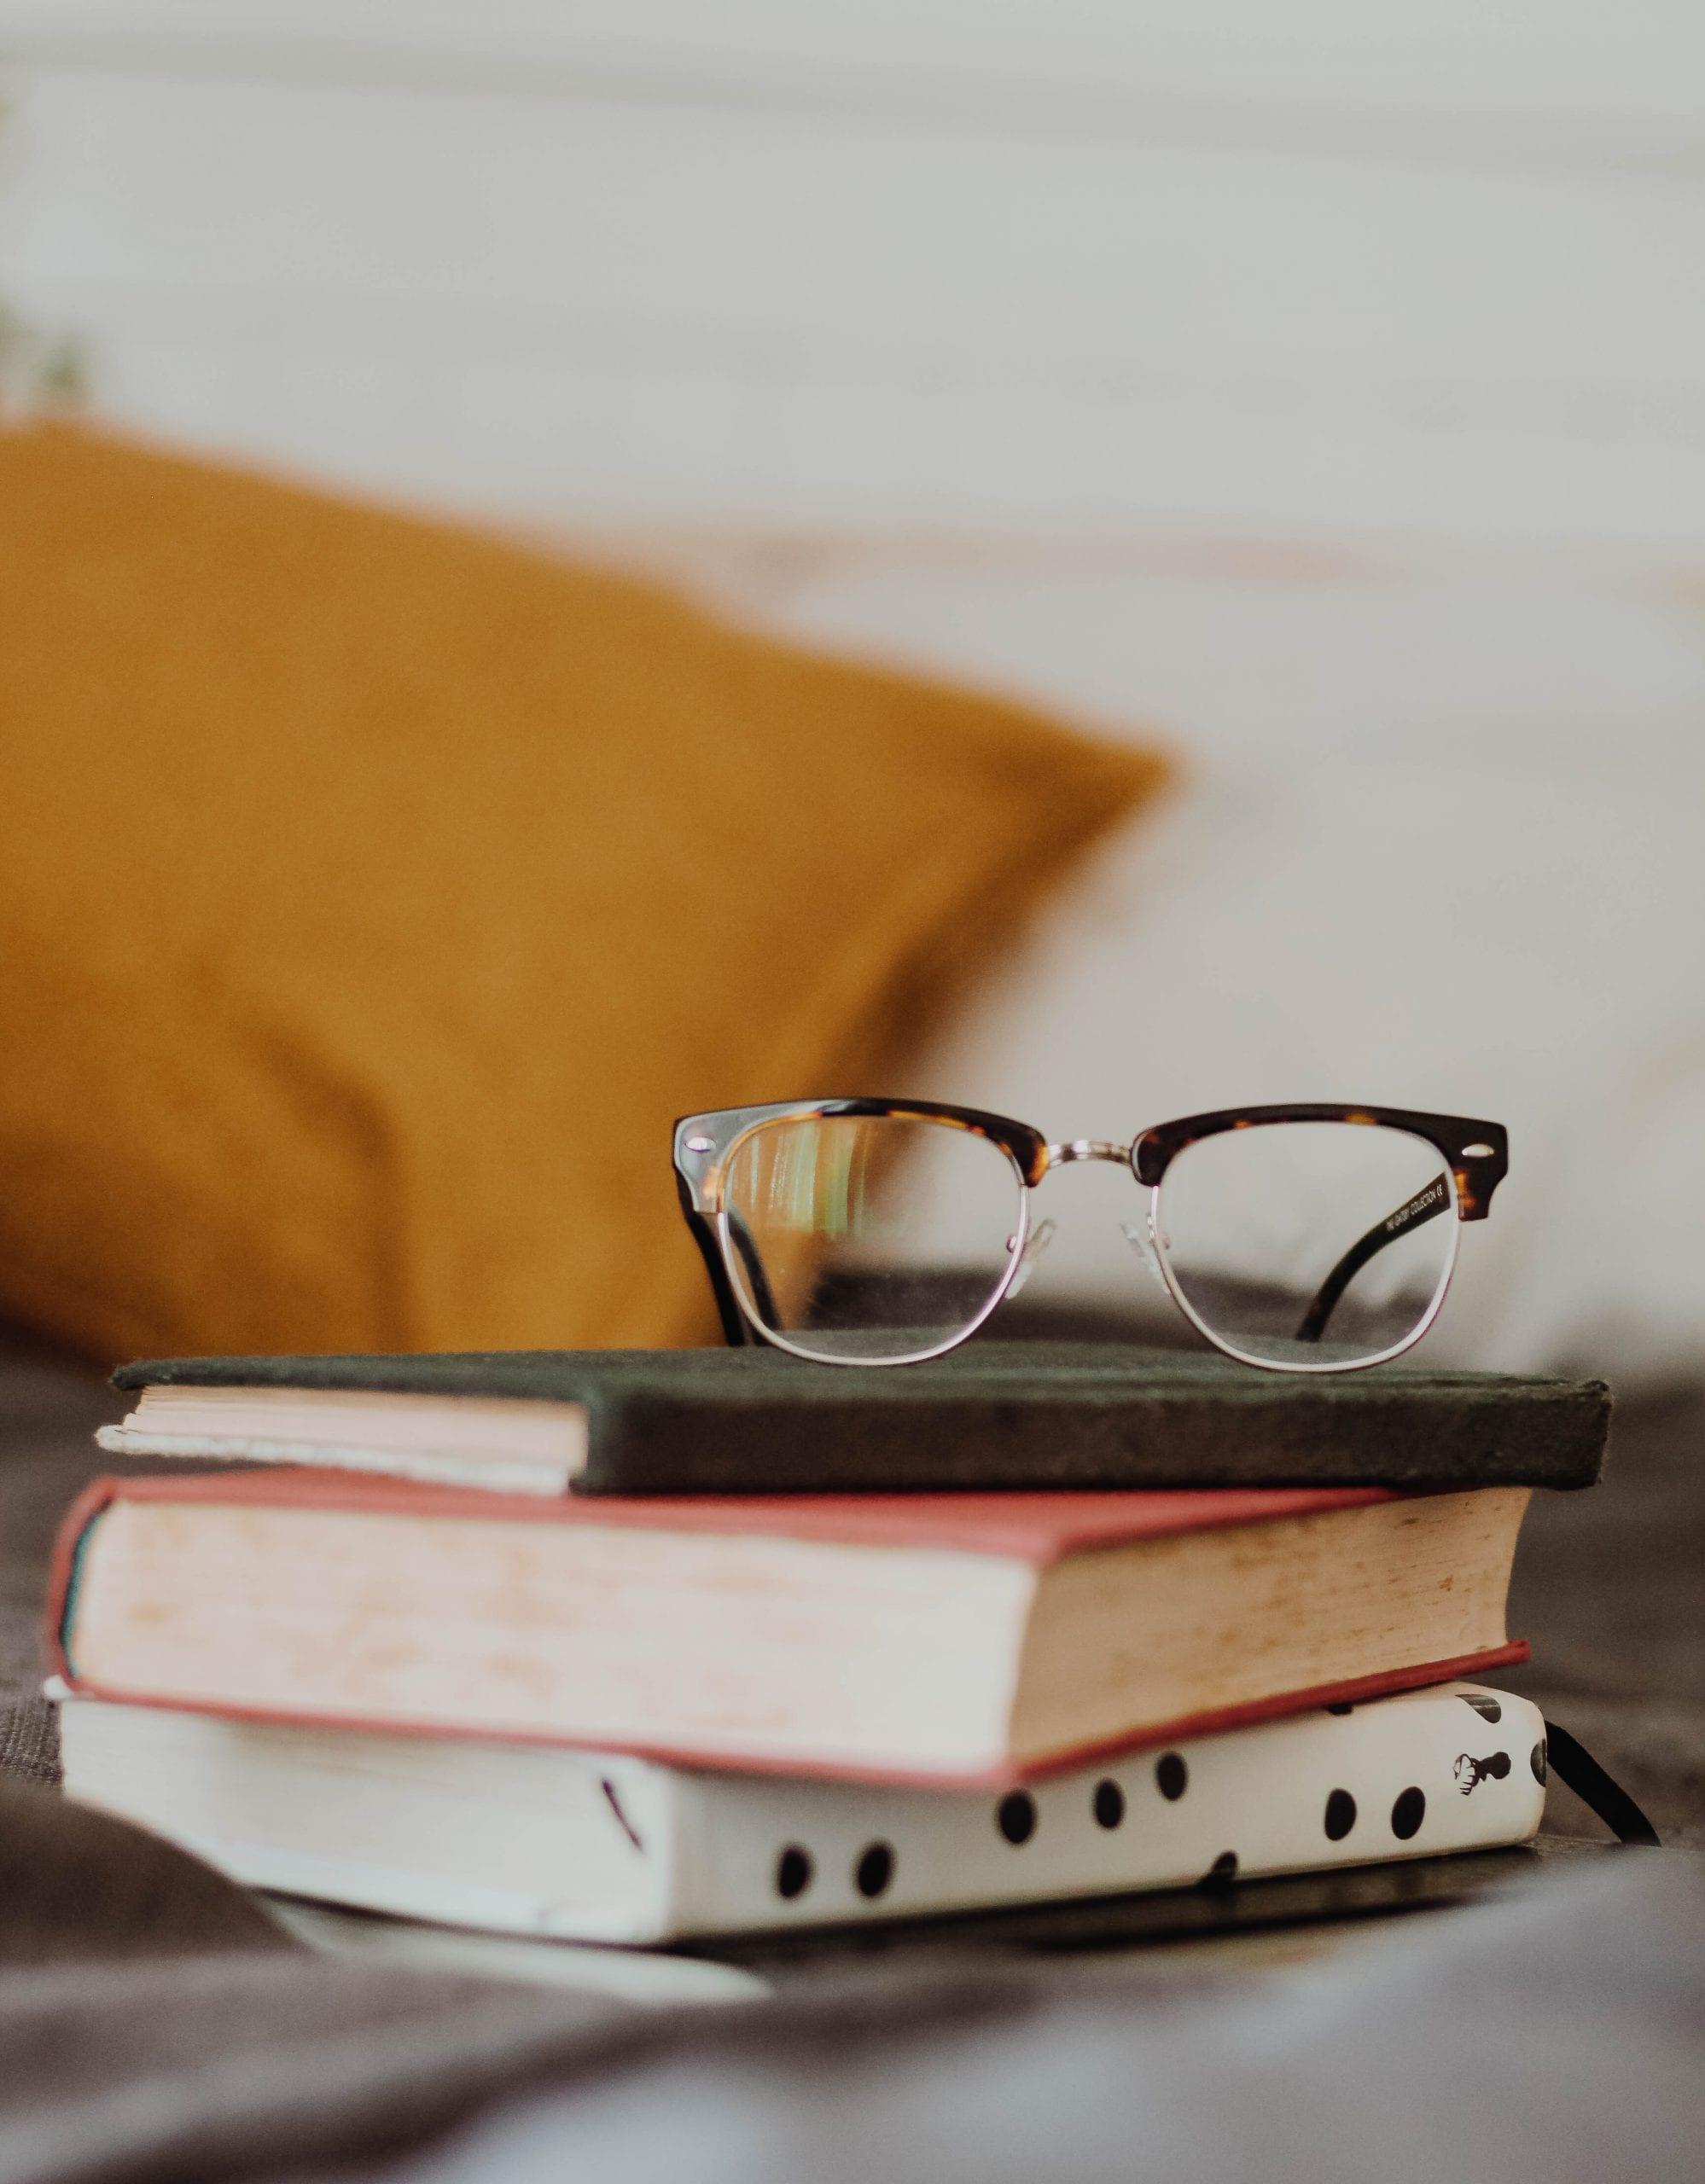 Четенето на книги е прекрасно занимание